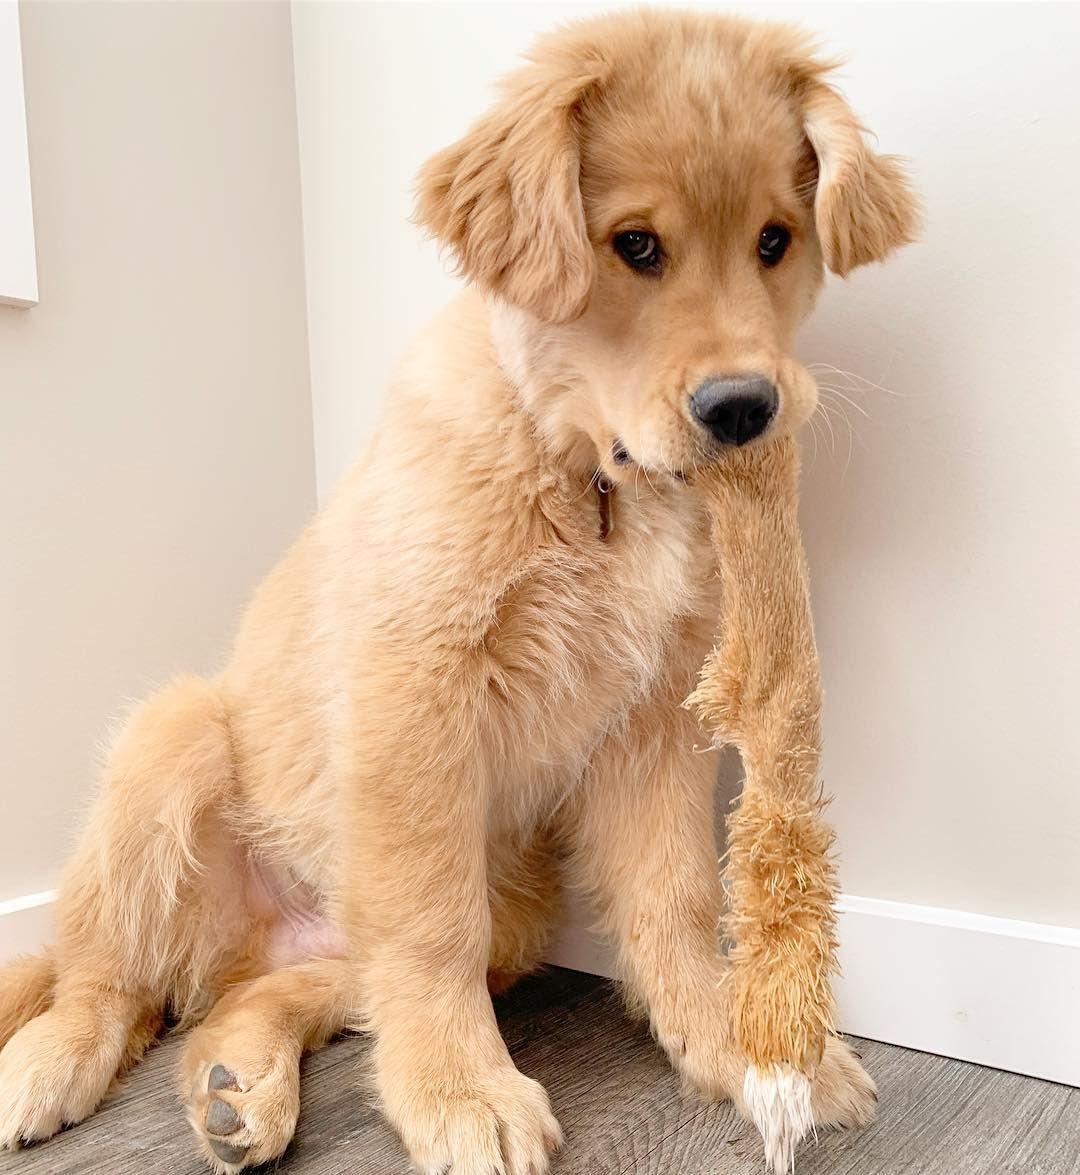 Rudy Puppy Dog Eyes Cute Animals